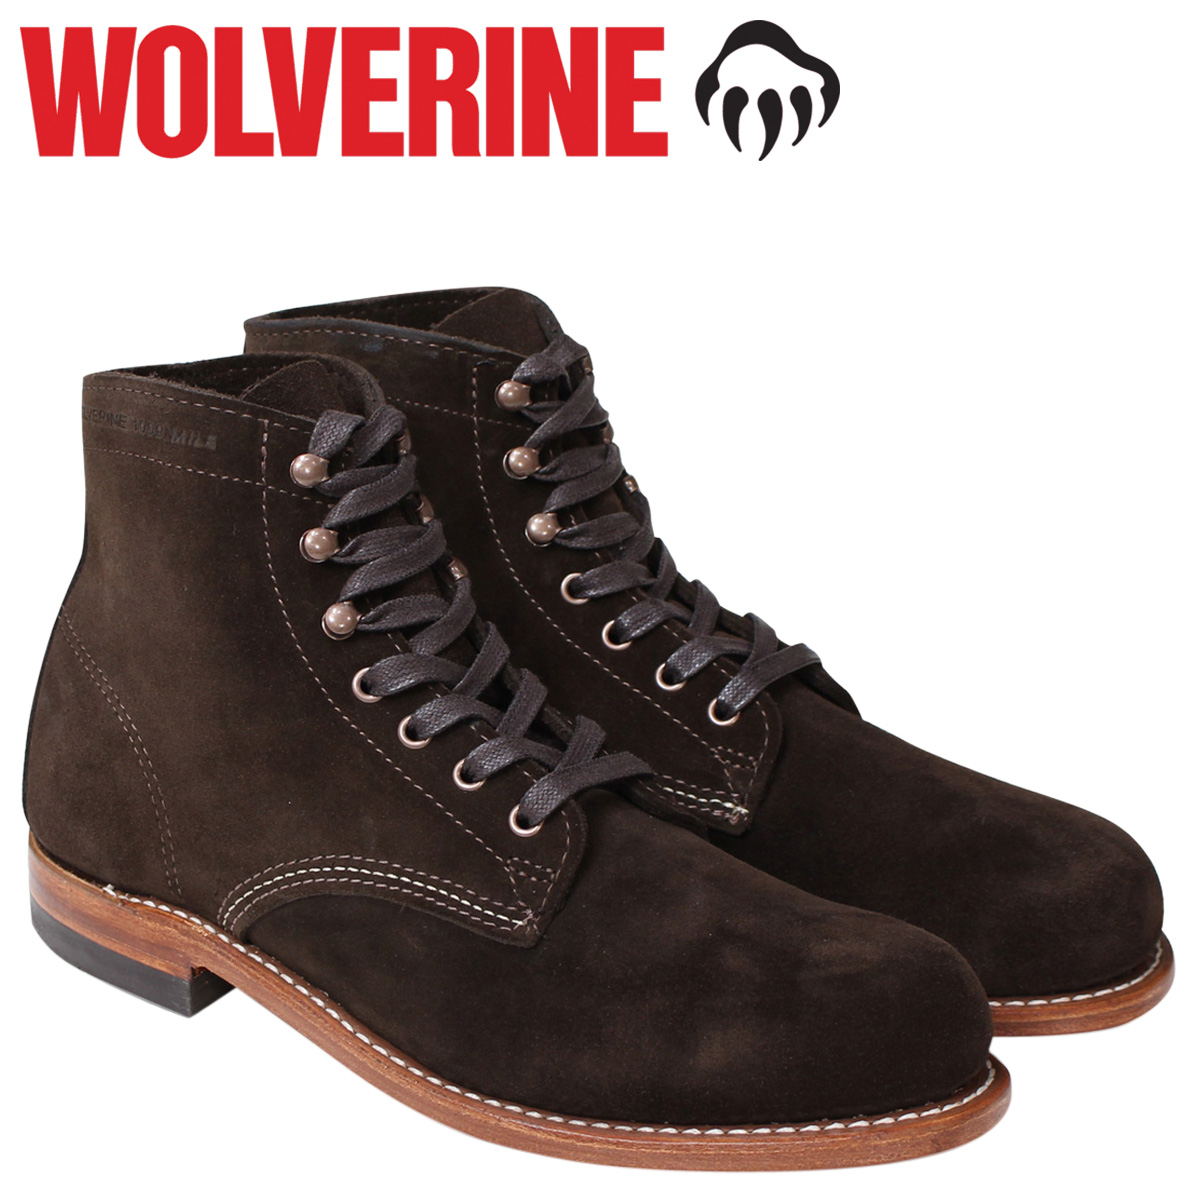 WOLVERINE ウルヴァリン 1000 MILE BOOT 1000マイル ブーツ 1000MILE ワークブーツ メンズ Dワイズ W40093 ダークブラウン